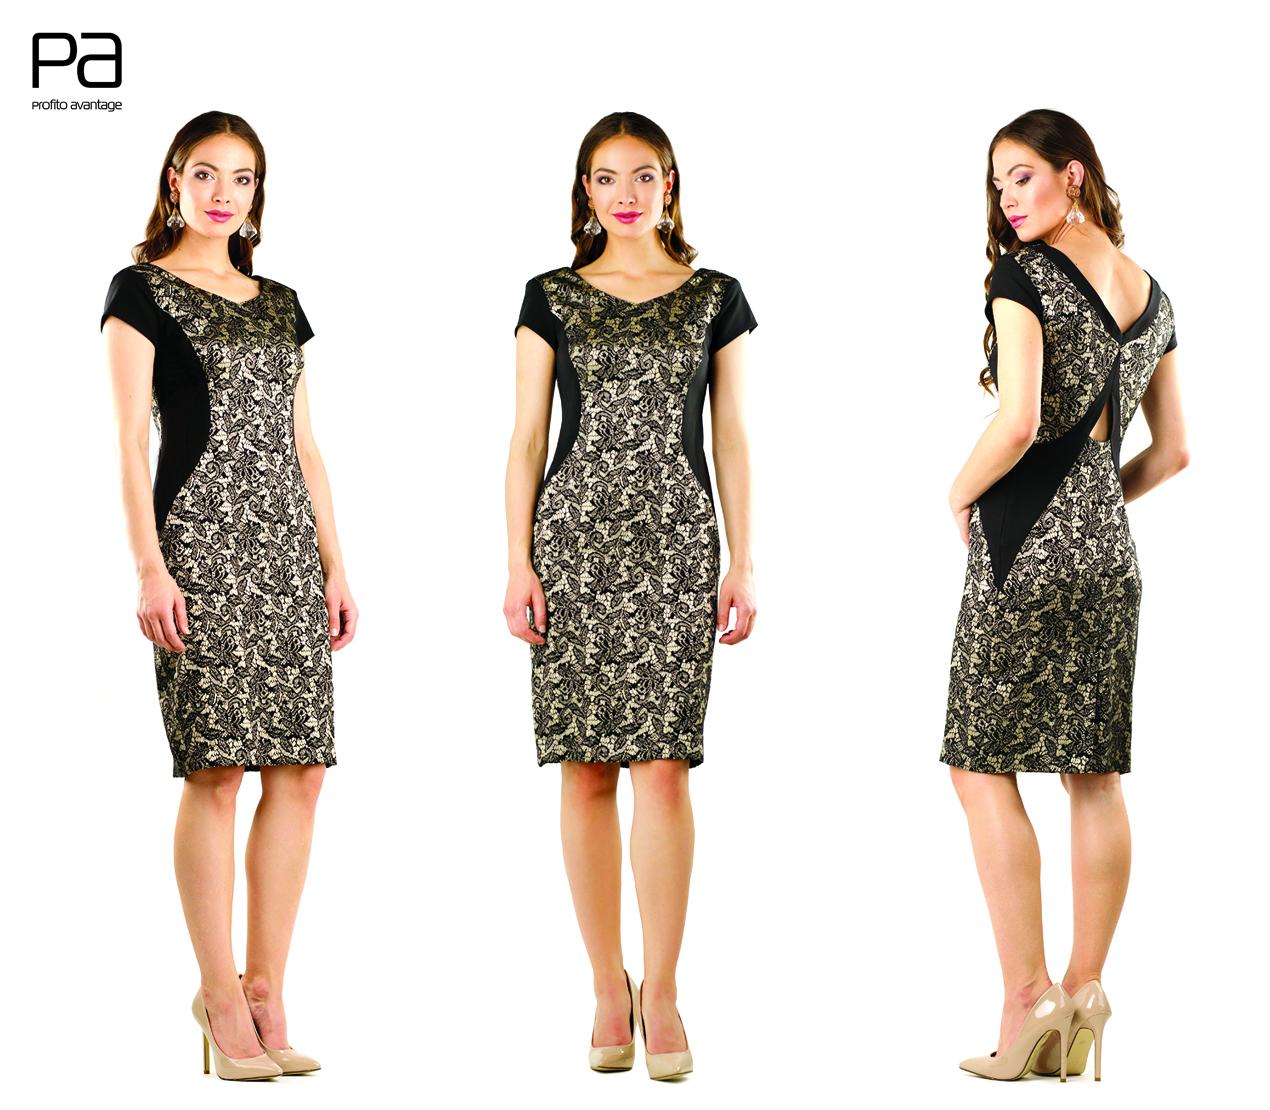 Сбор заказов. Распродажа Pr0fit0-Avаntаge. Женская одежда для активной жизни в большом городе, размеры 42-56